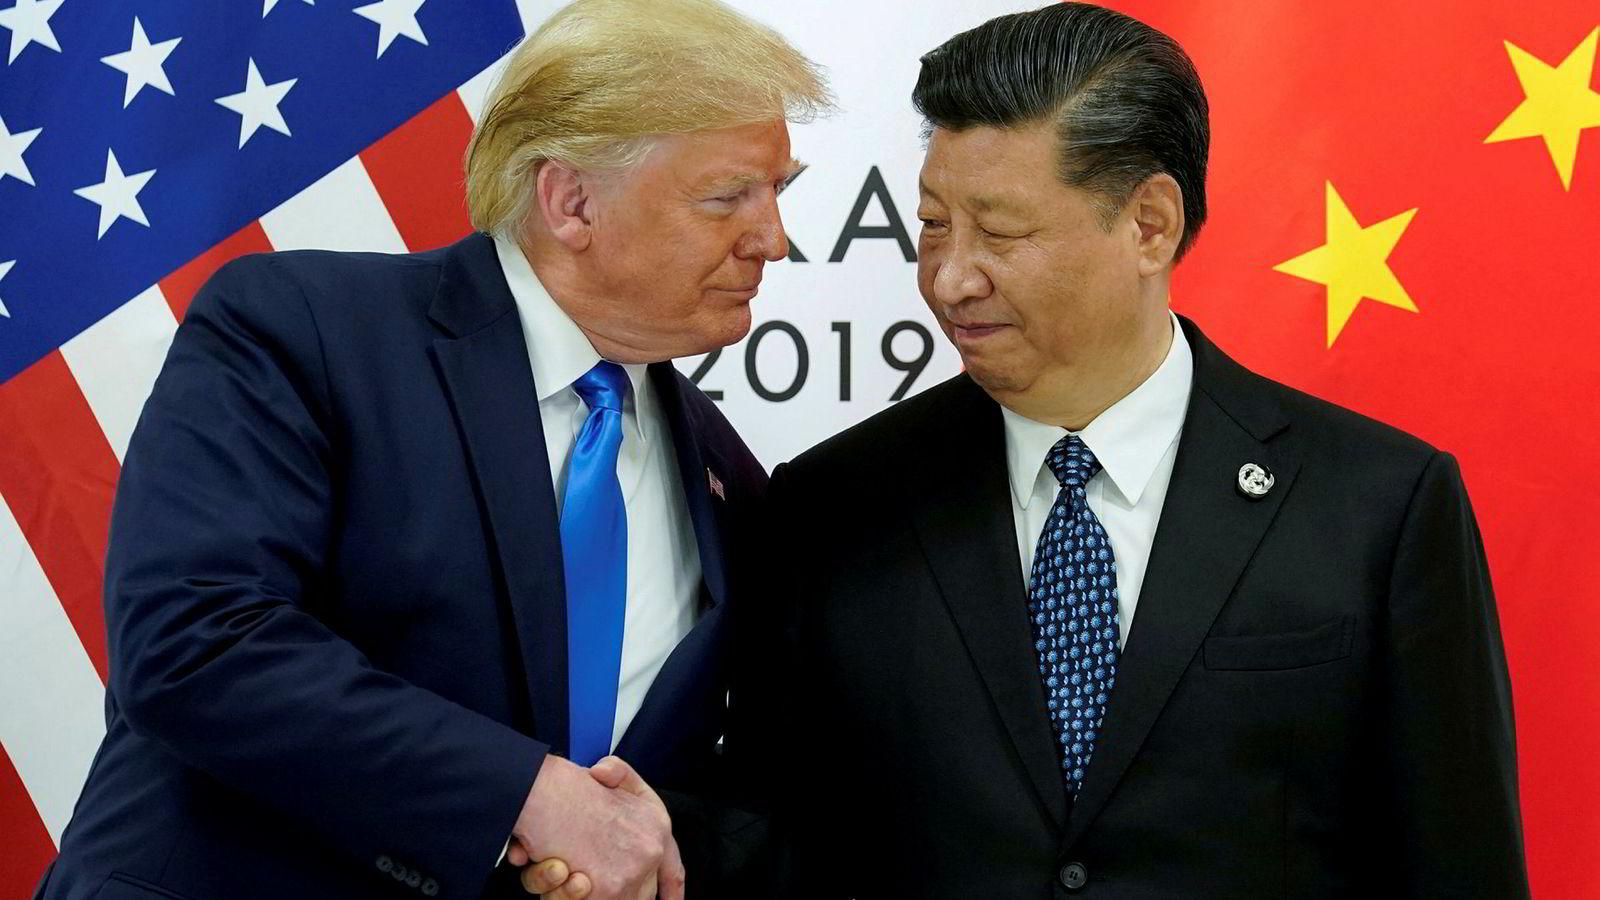 President Donald Trump vil møte Kinas president Xi Jinping om Hongkong. Bildet er fra et møte mellom de to presidentene i Osaka i Japan i slutten av juni.